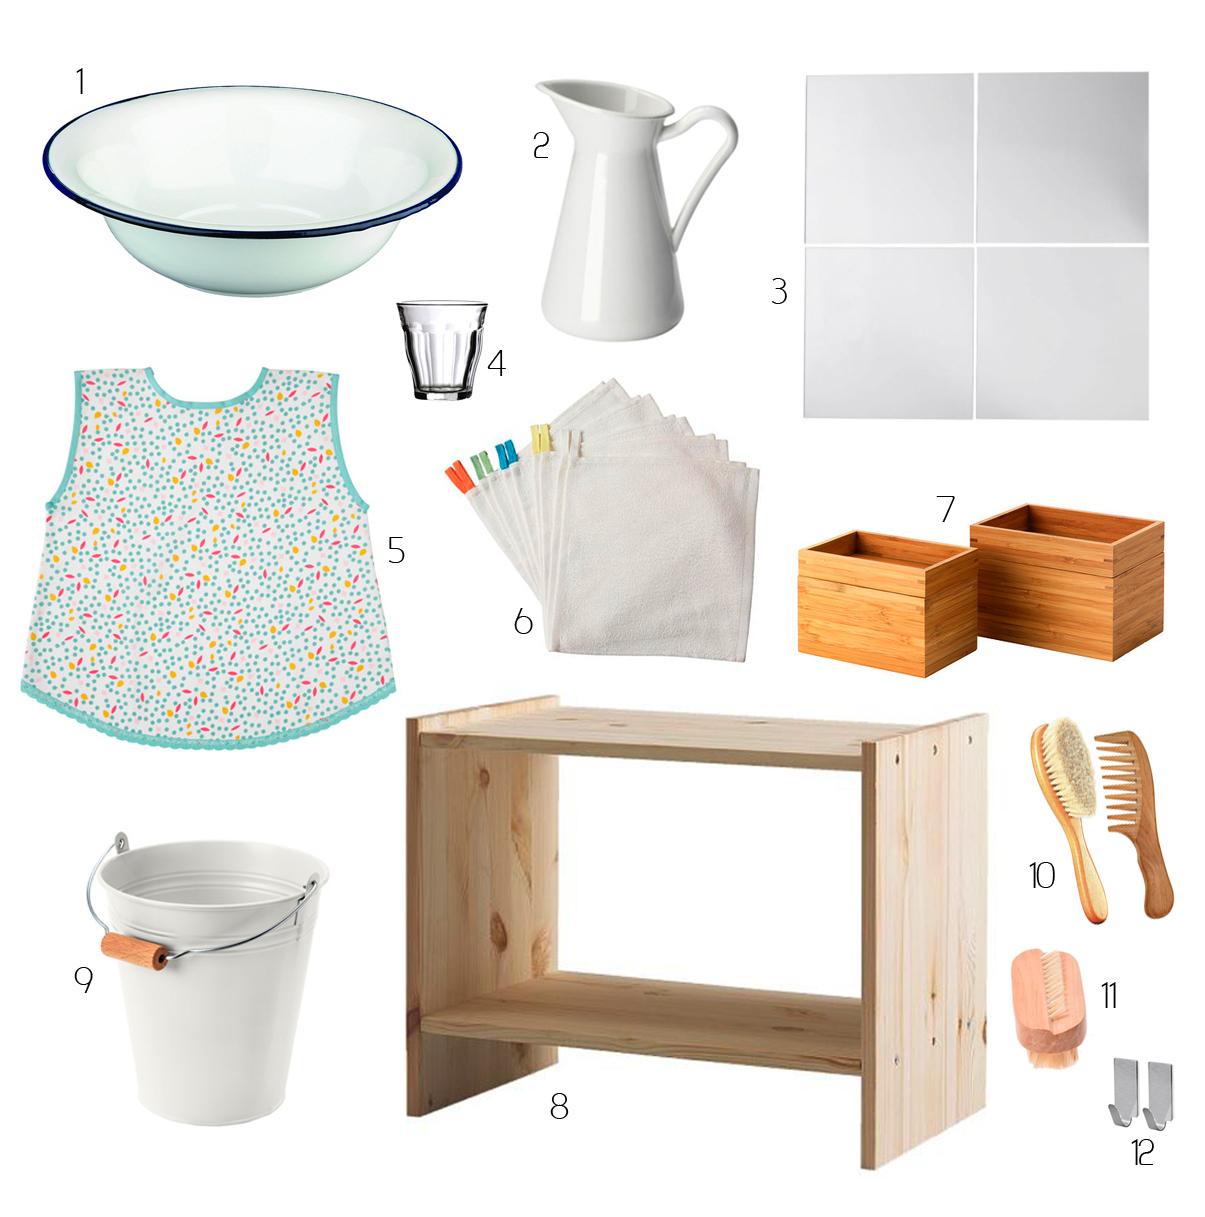 Comment créer un espace salle de bain Montessori pour votre enfant ? -